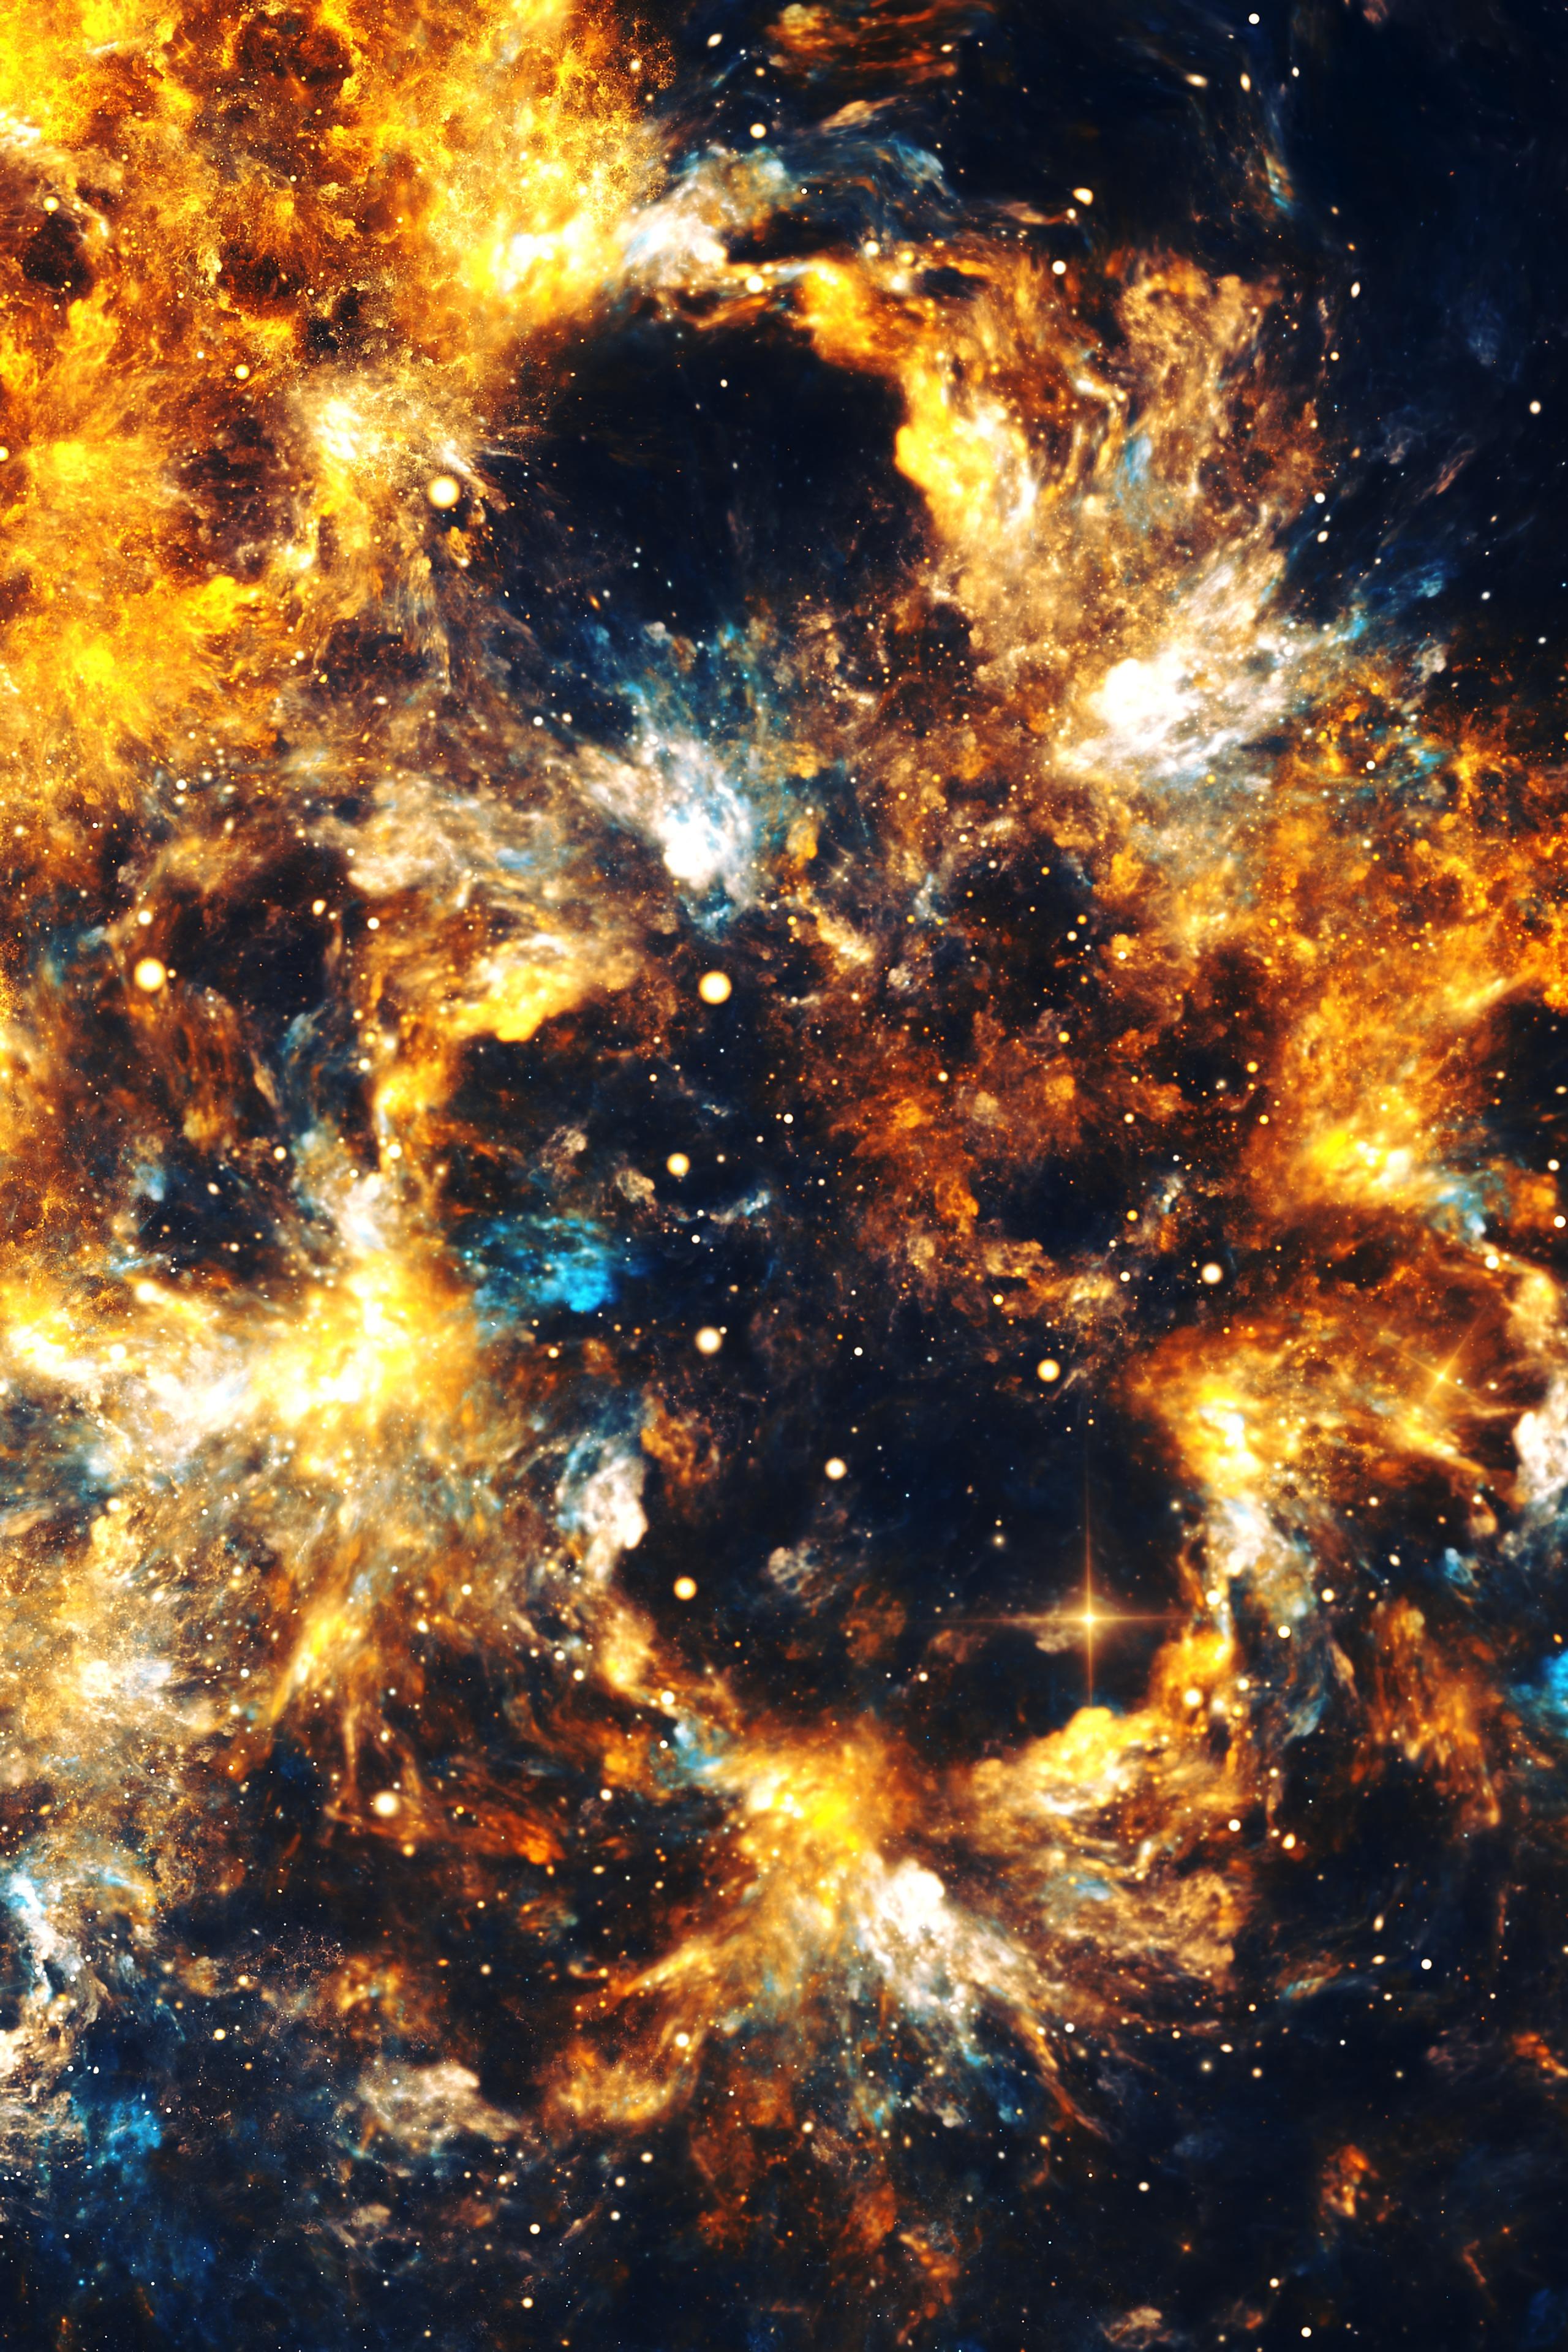 74483 免費下載壁紙 抽象, 分形, 闪光, 闪光灯, 火花, 明亮的, 明亮 屏保和圖片